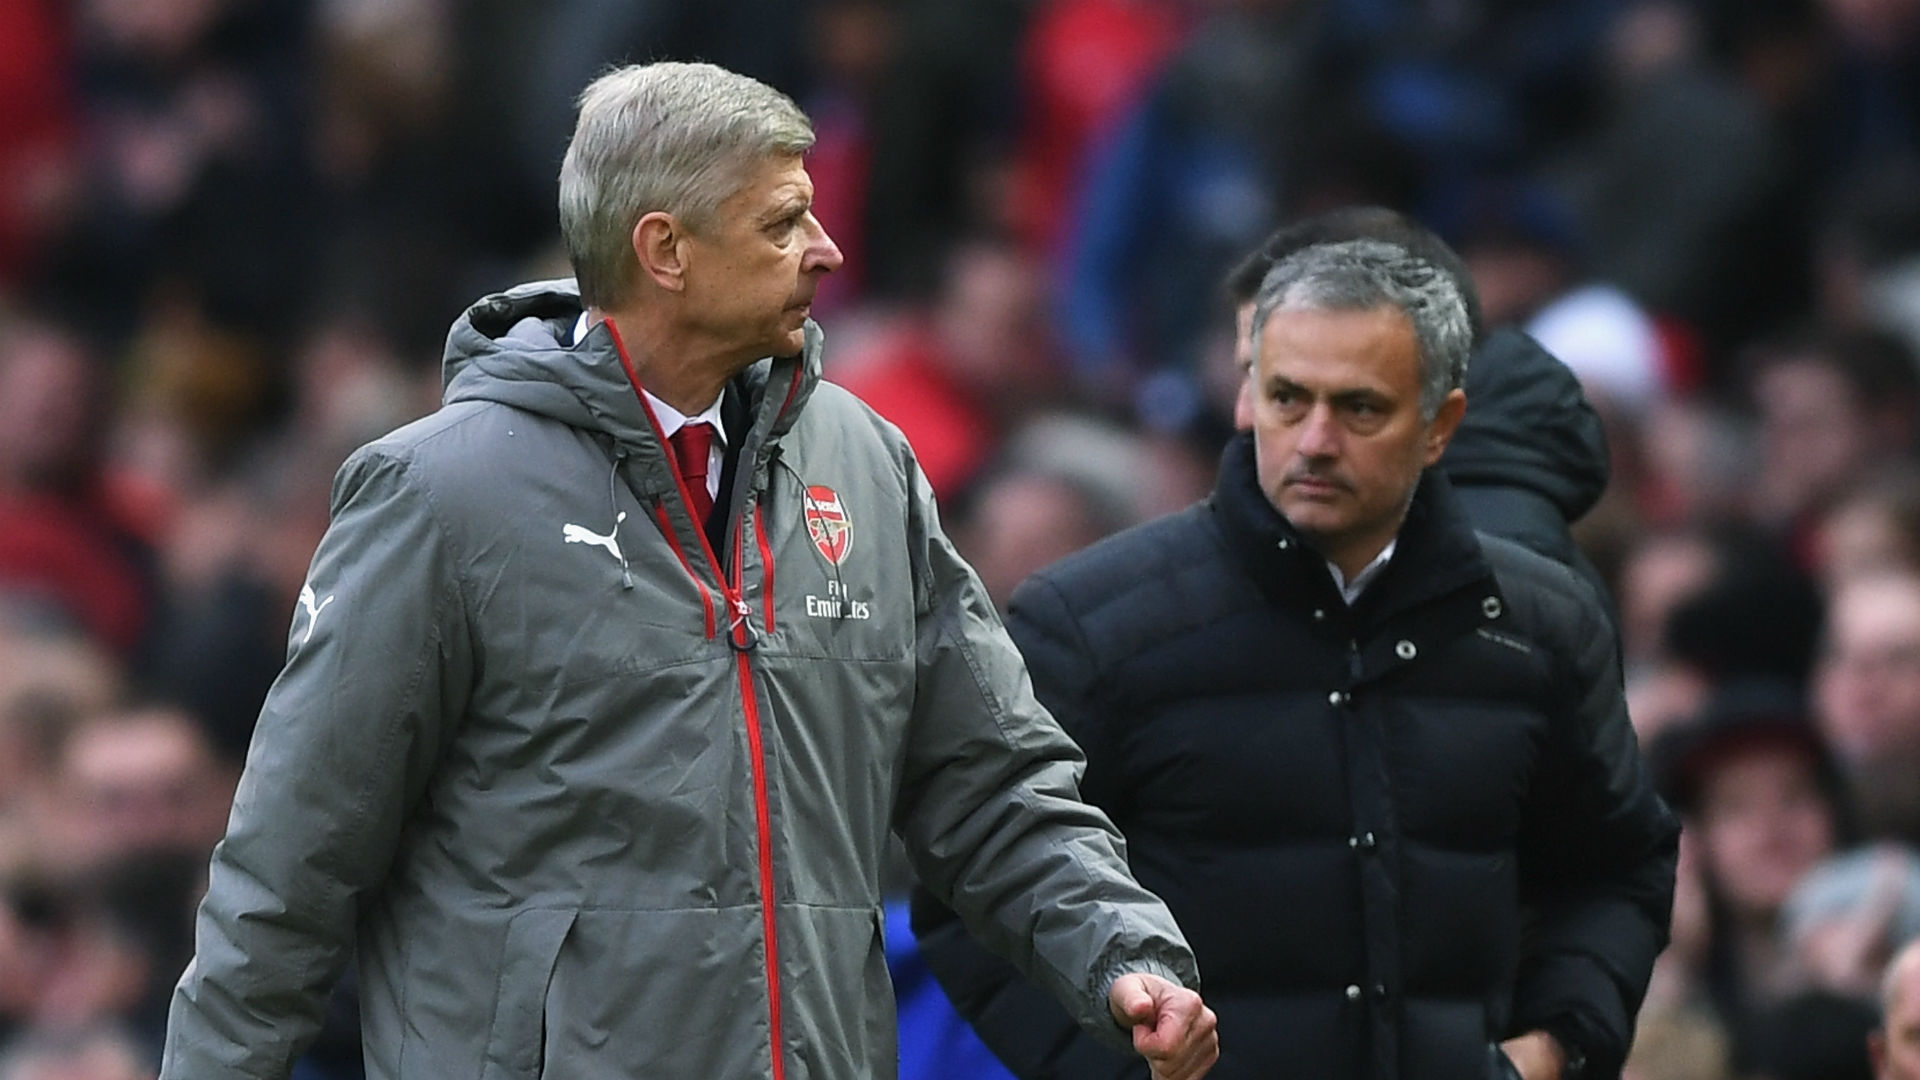 Arsene Wenger Jose Mourinho Arsenal Manchester United